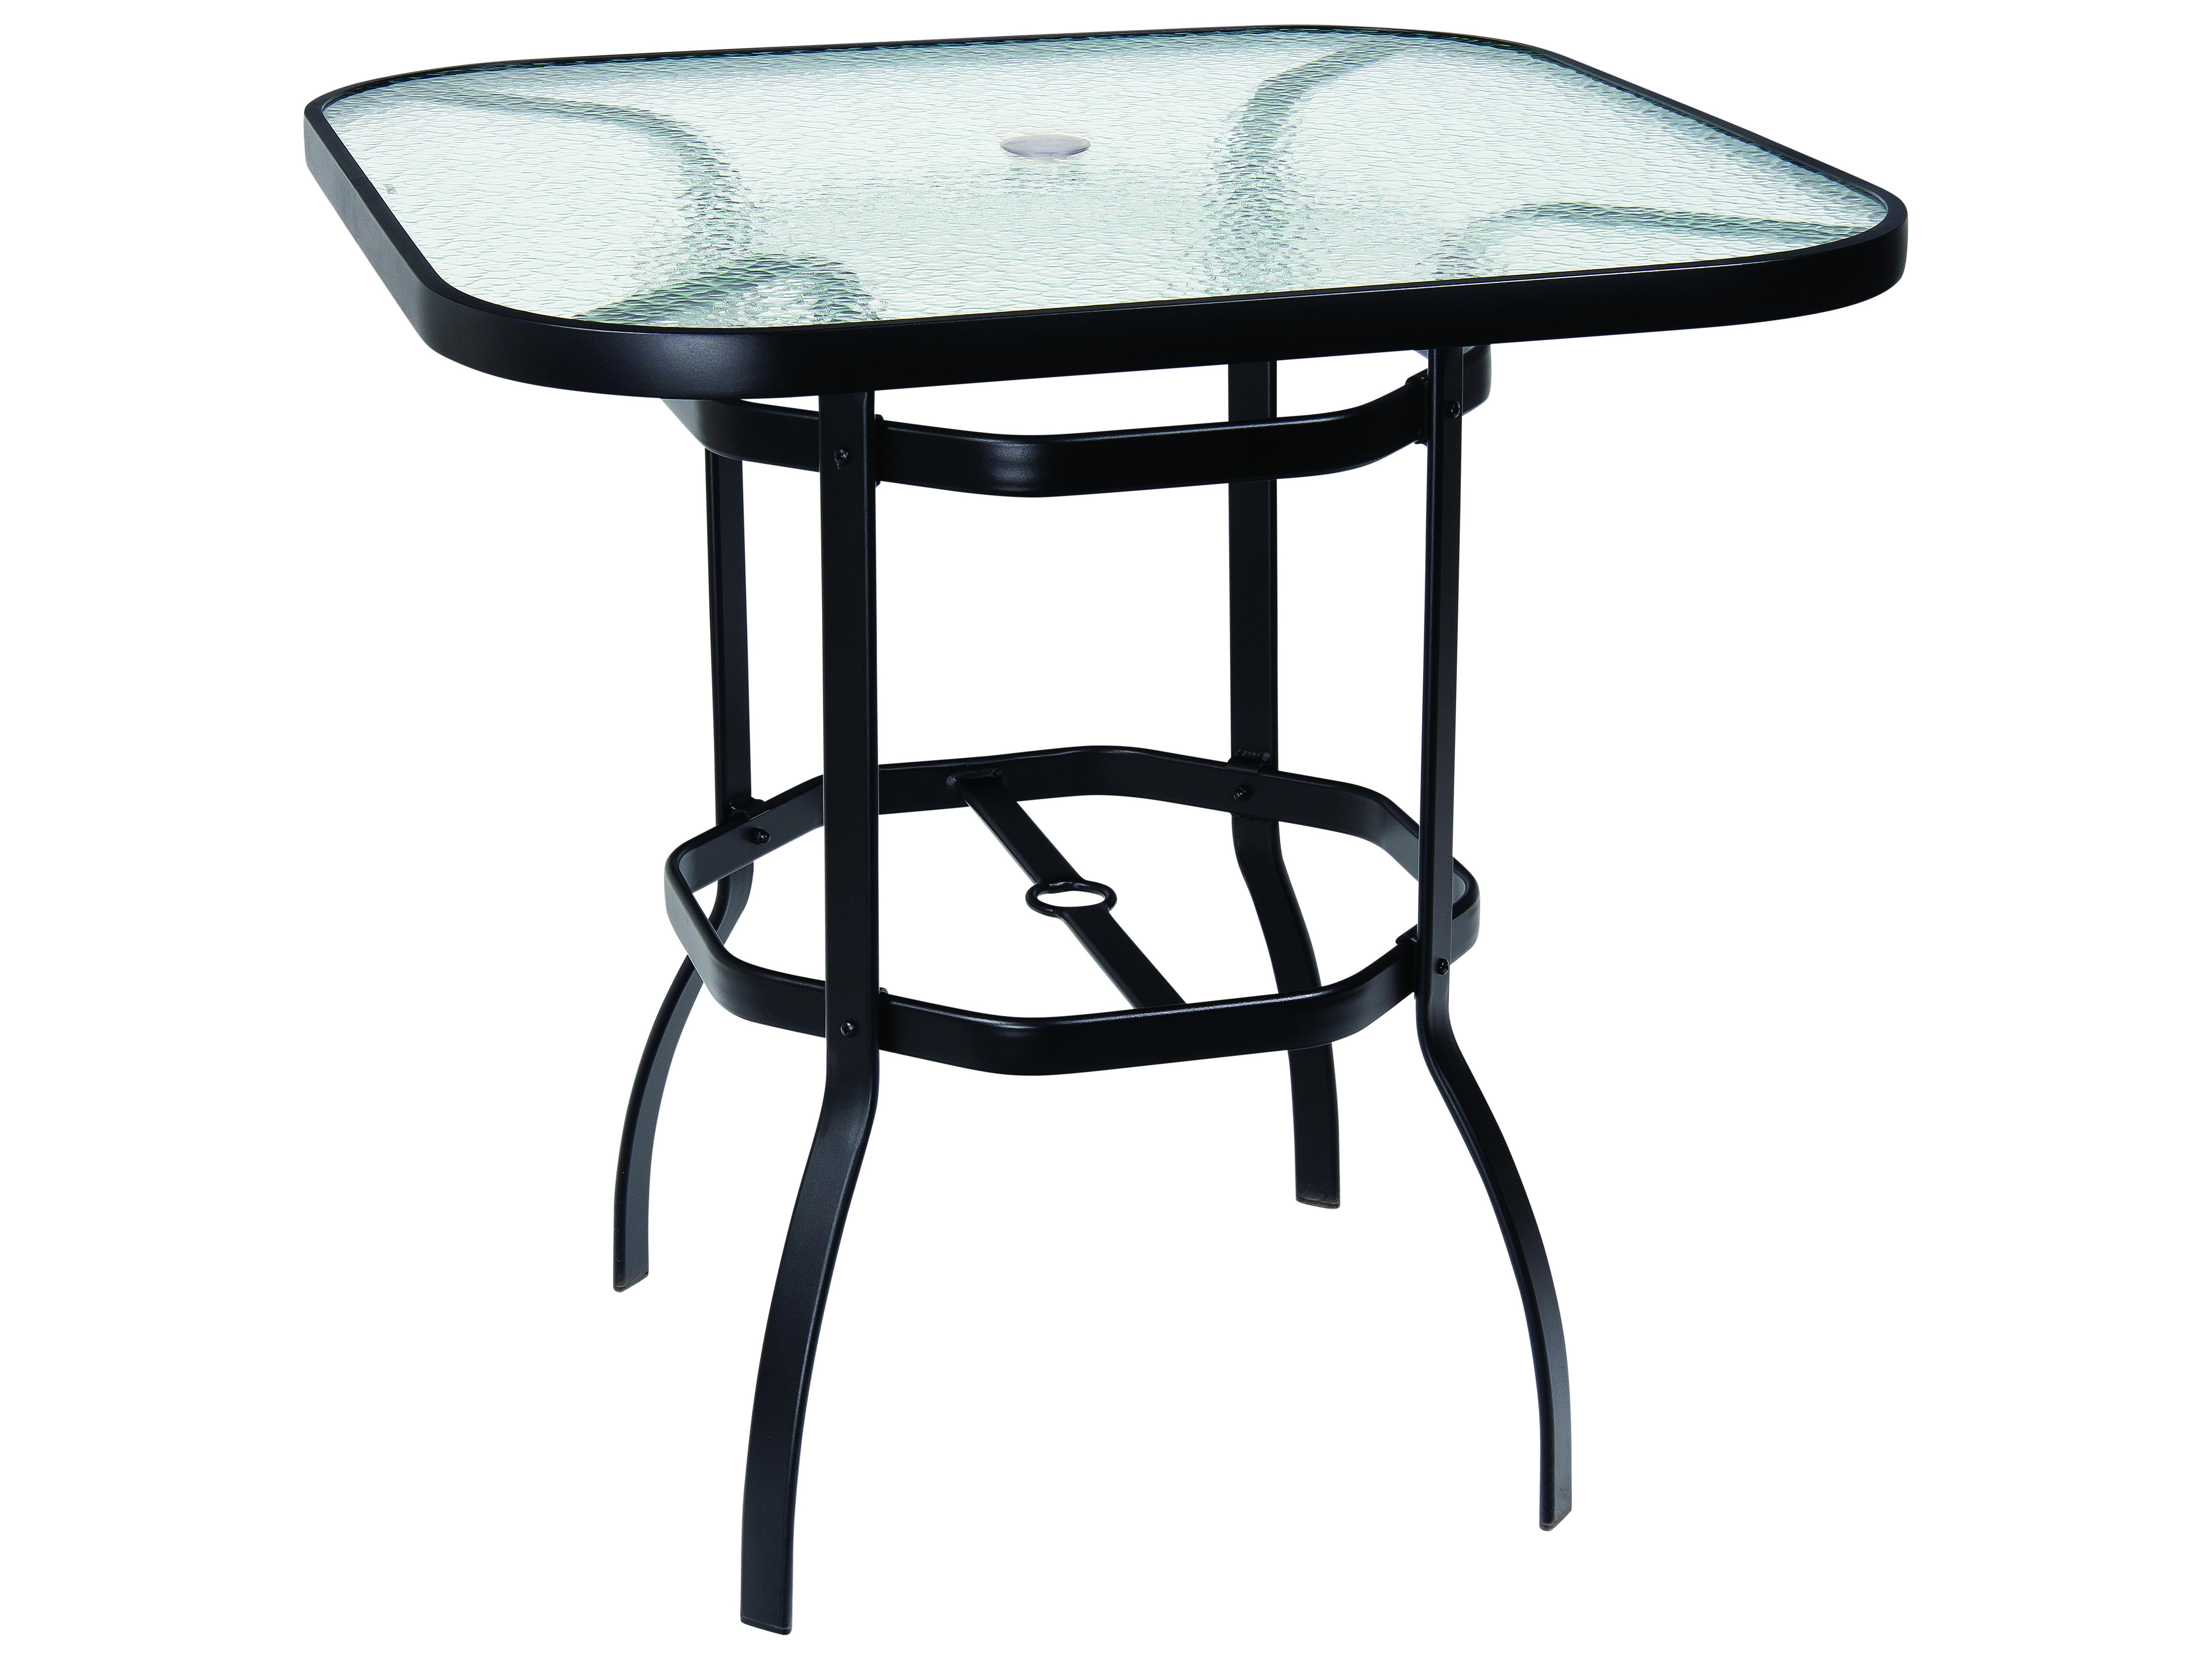 Woodard Aluminum Deluxe 42 Wide, Outdoor Bar Height Glass Top Table